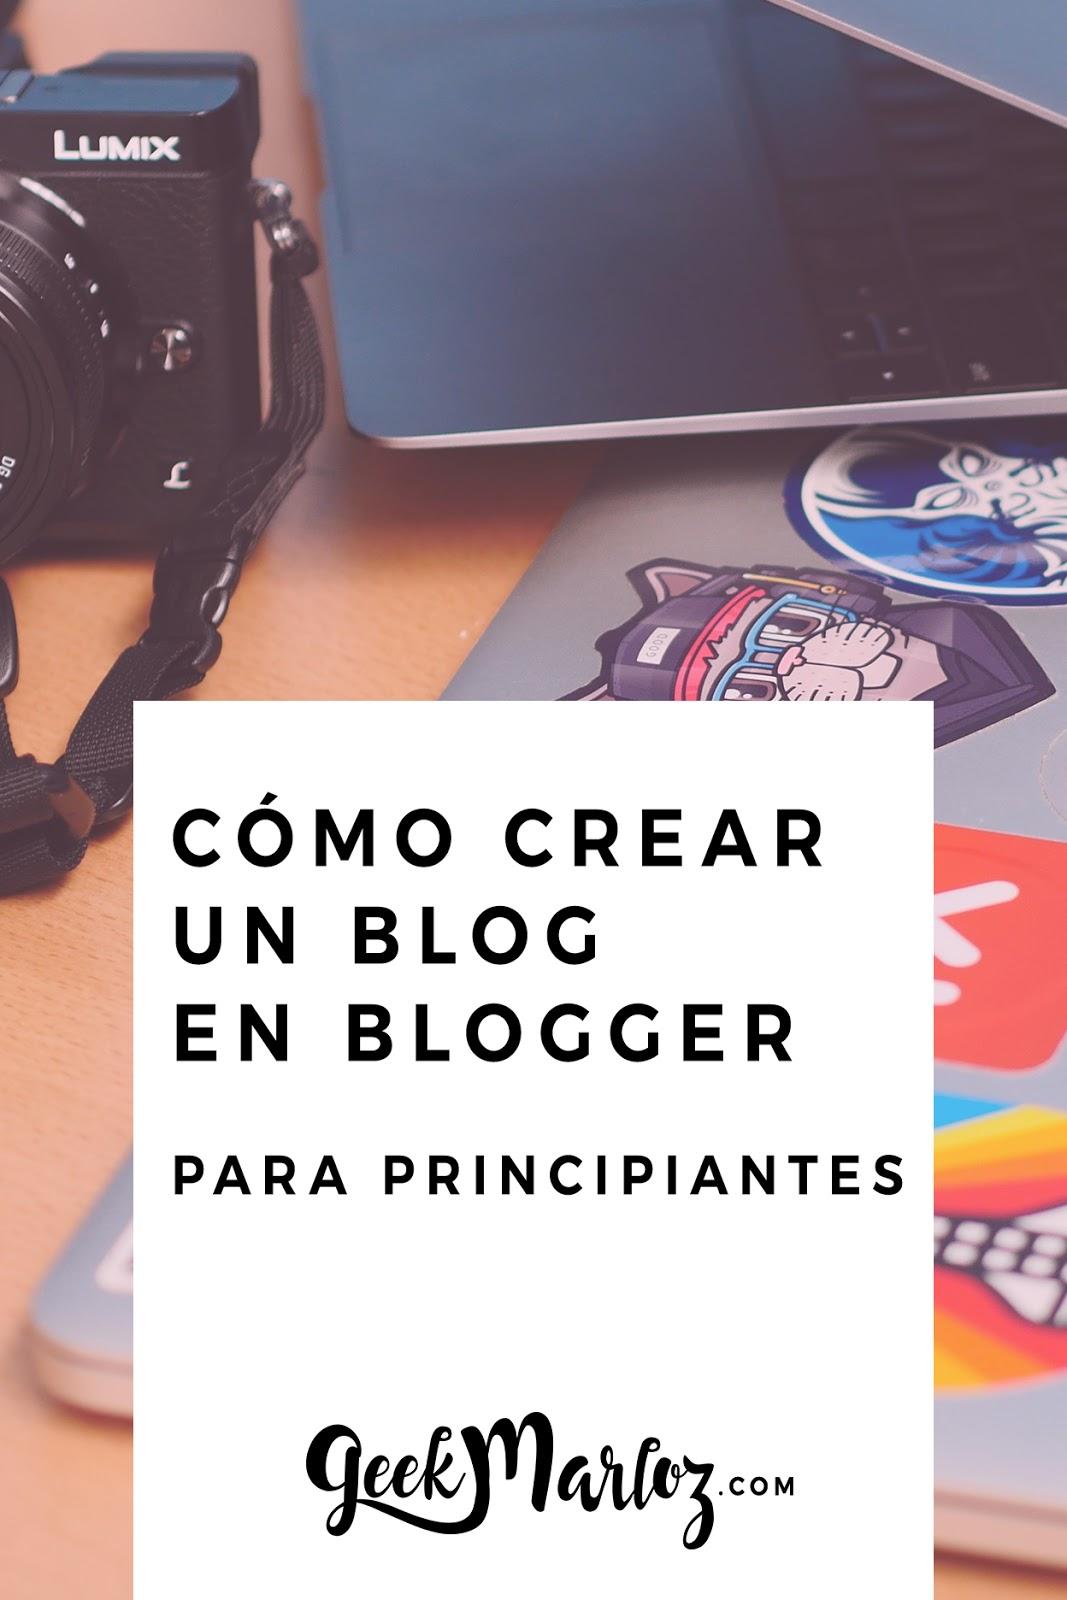 Cómo crear un blog en Blogger (principiantes)